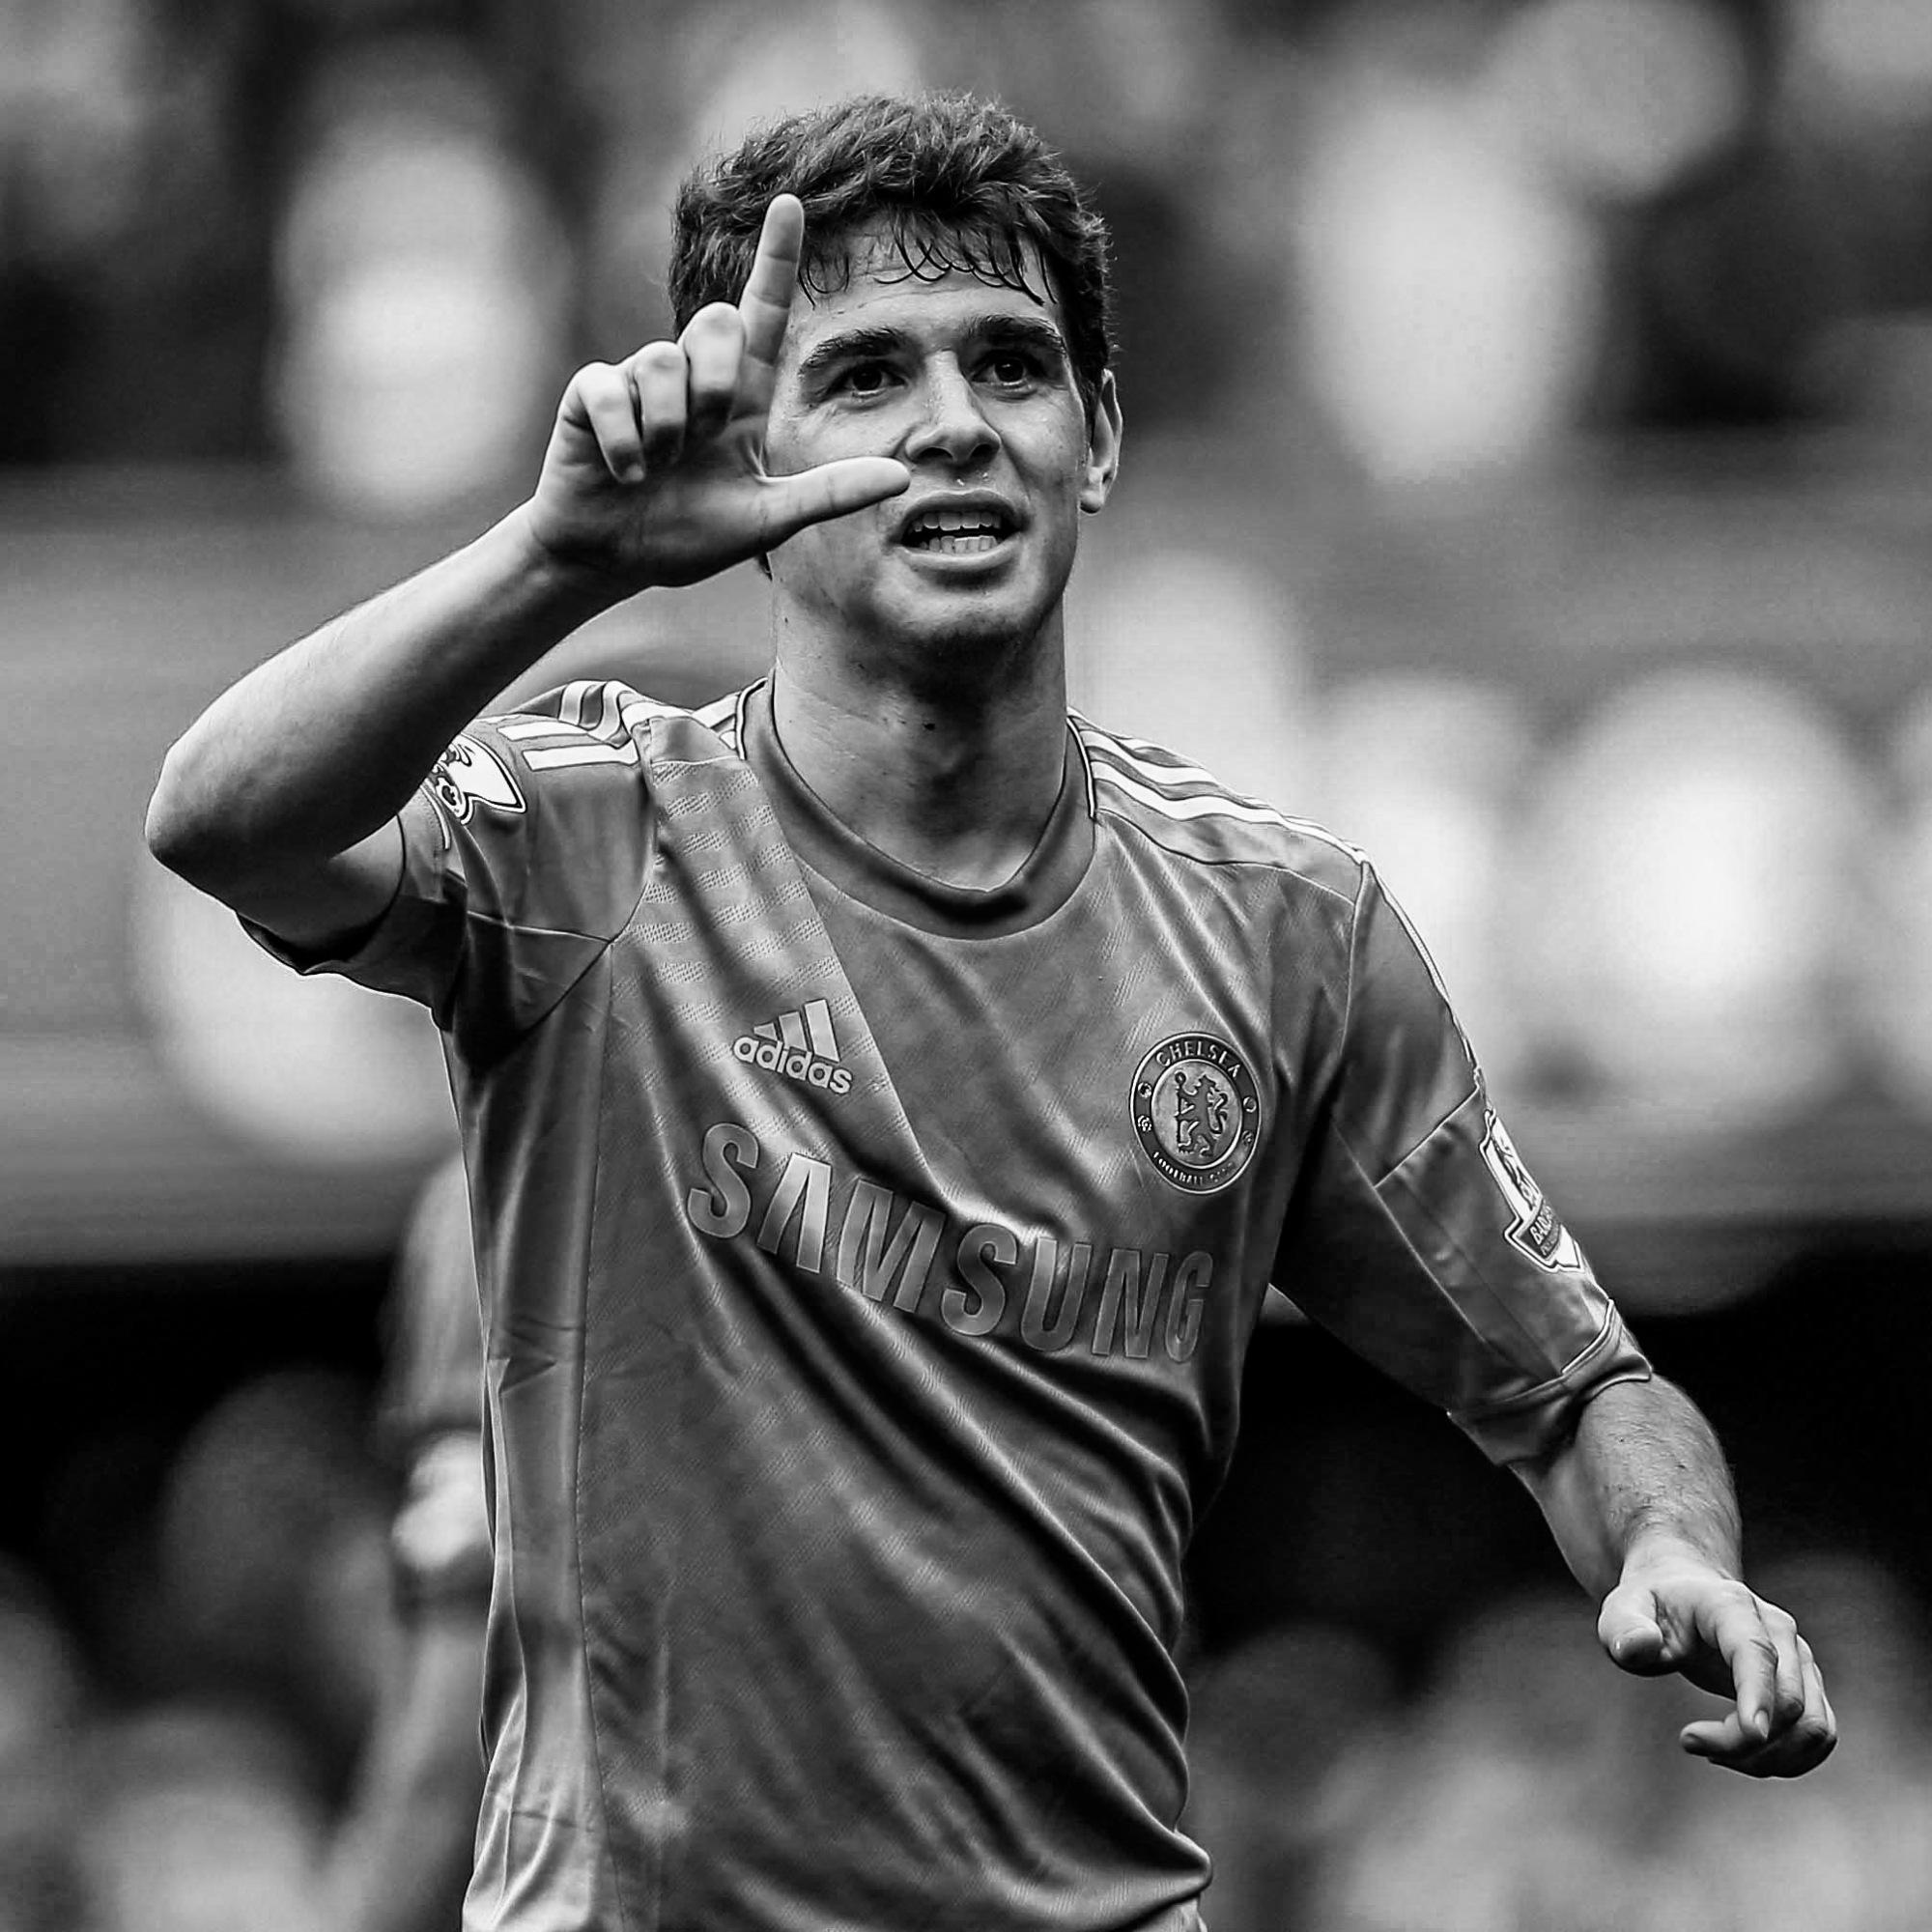 Oscar dos Santos Emboaba Júnior, 28 anos, meio-campo. Multicampeão pelo Chelsea FC, campeão mundial sub-20, campeão chinês e seleção FIFA World Cup 2014. instagram.com/oscar_emboaba twitter.com/oscar8 facebook.com/oscaroficial oscaroficial.com